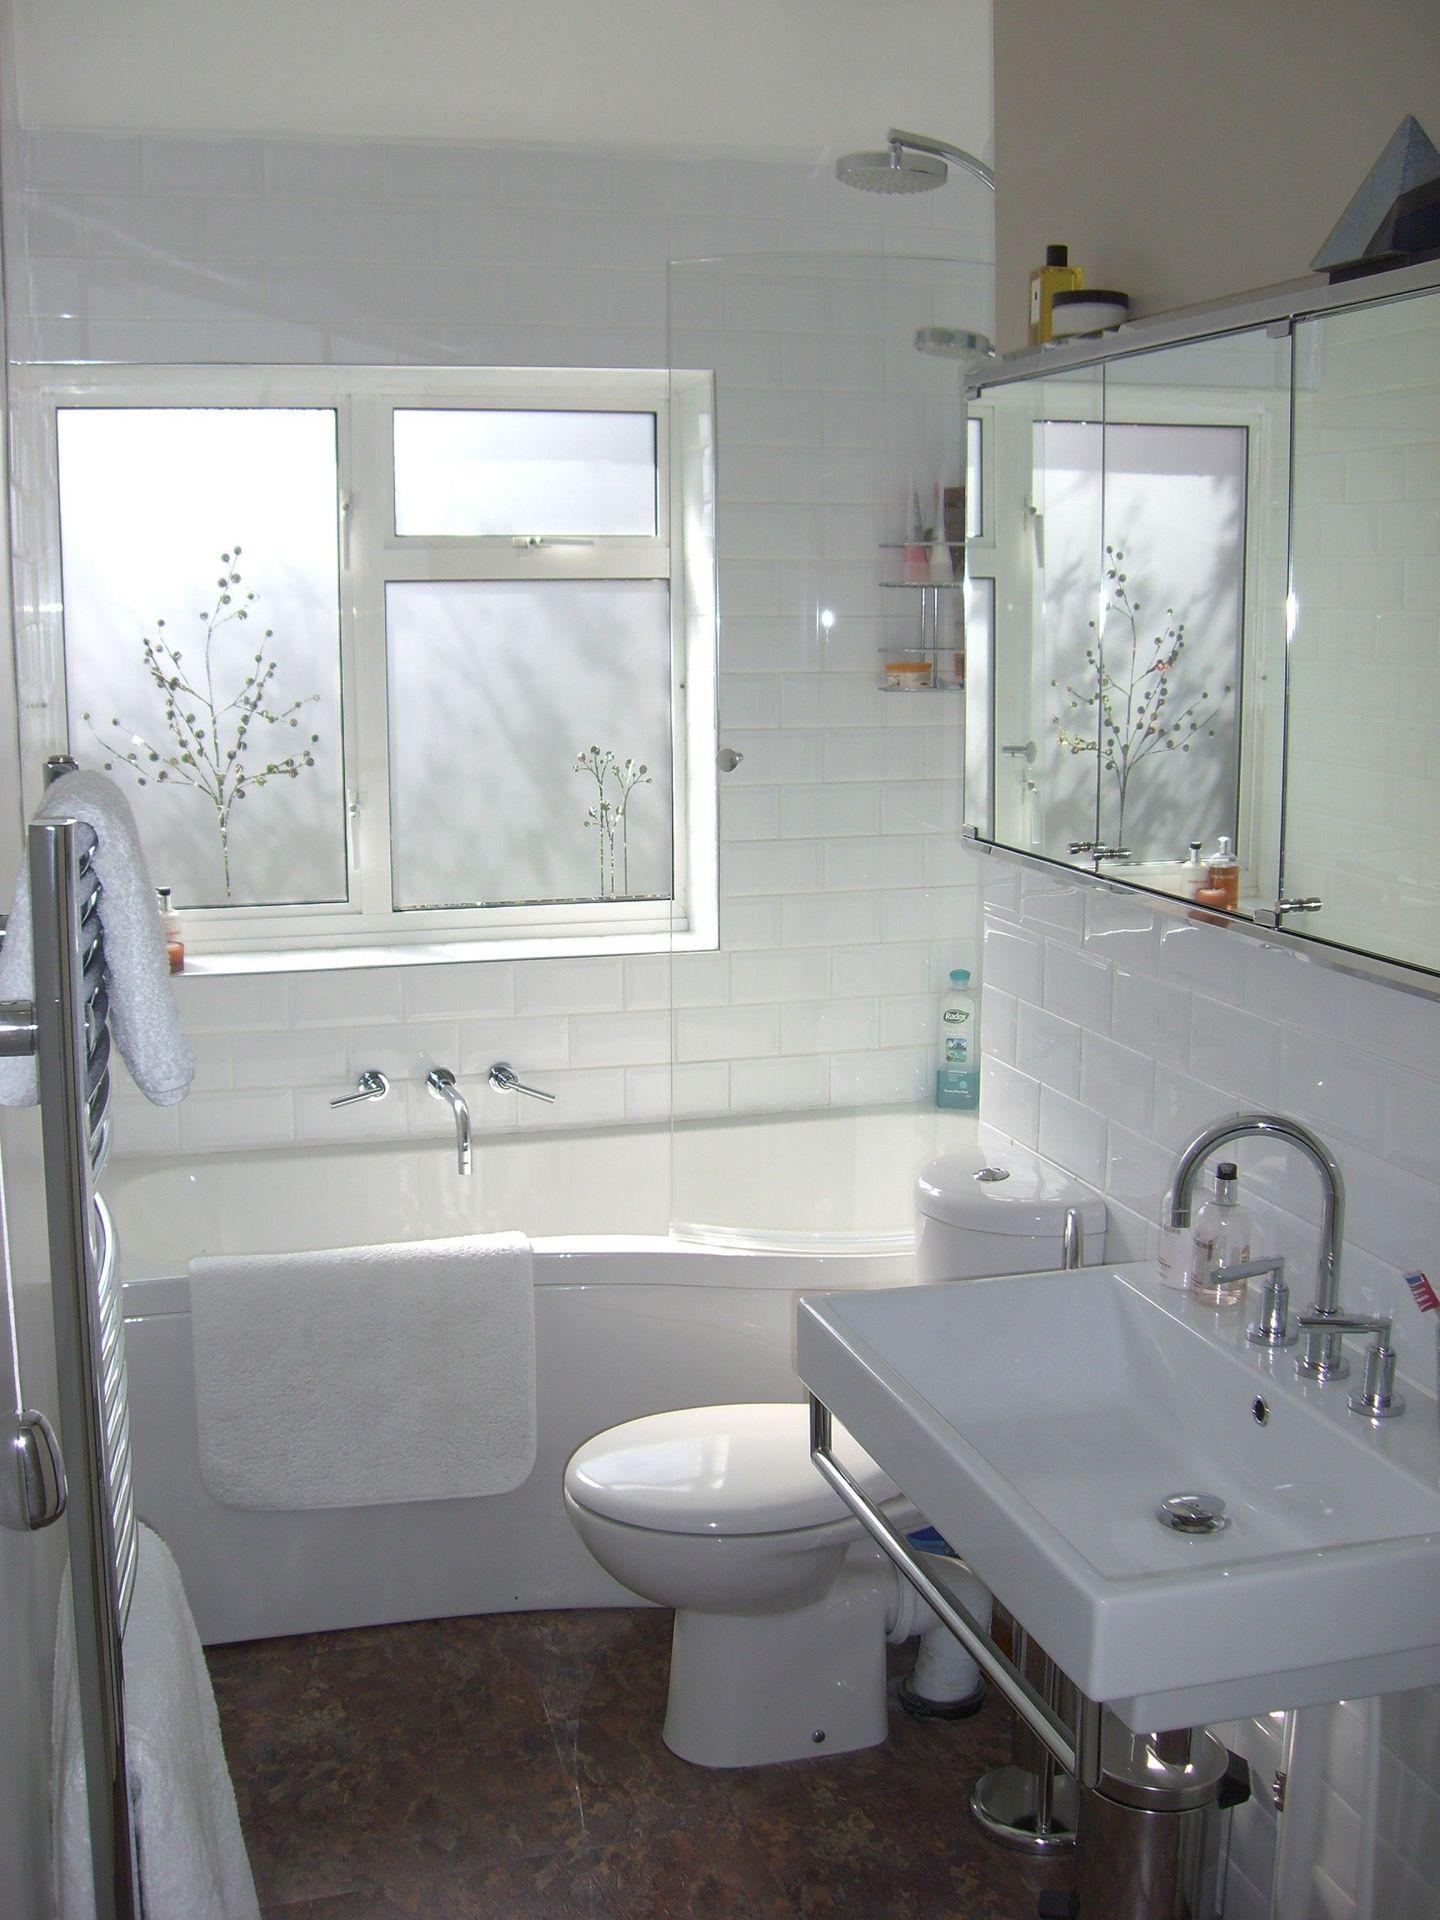 30 Attractive Small Bathtub Design For Cozy Bathroom Ideas Freshouz Com In 2020 Narrow Bathroom Designs Small Bathtub Bathroom Design